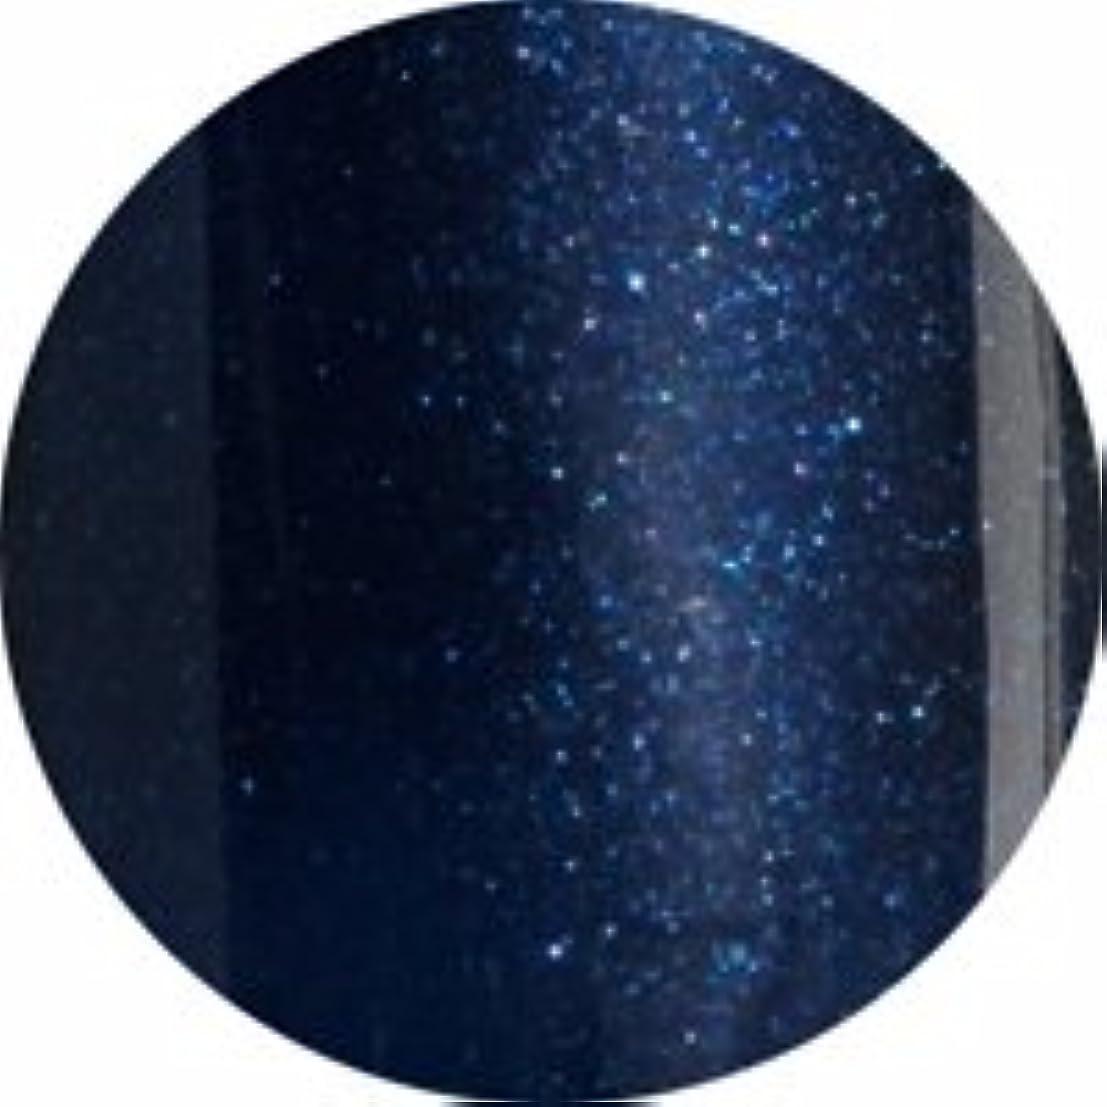 原子靴にやにや★CND シェラック UVカラーコート 7.3ml<BR>548 ミッドナイトスウィム